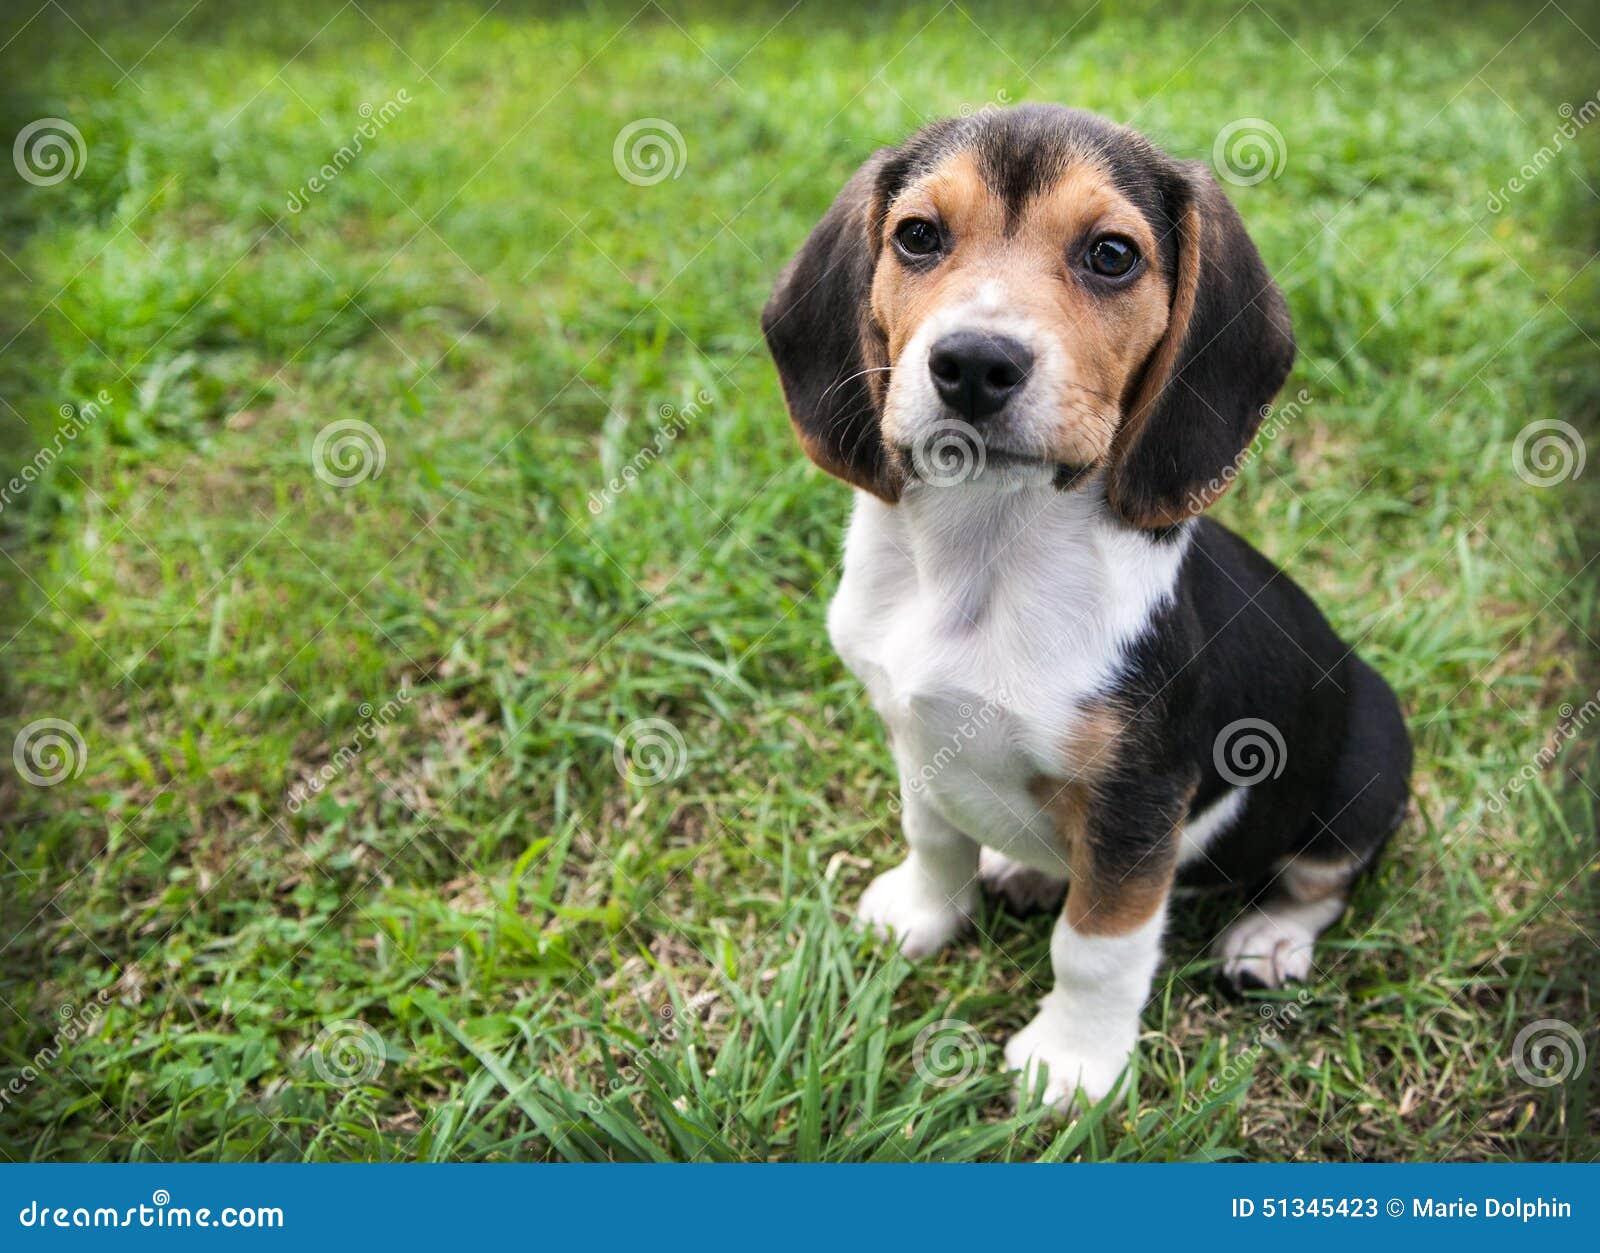 Dog Floppy Ears Video